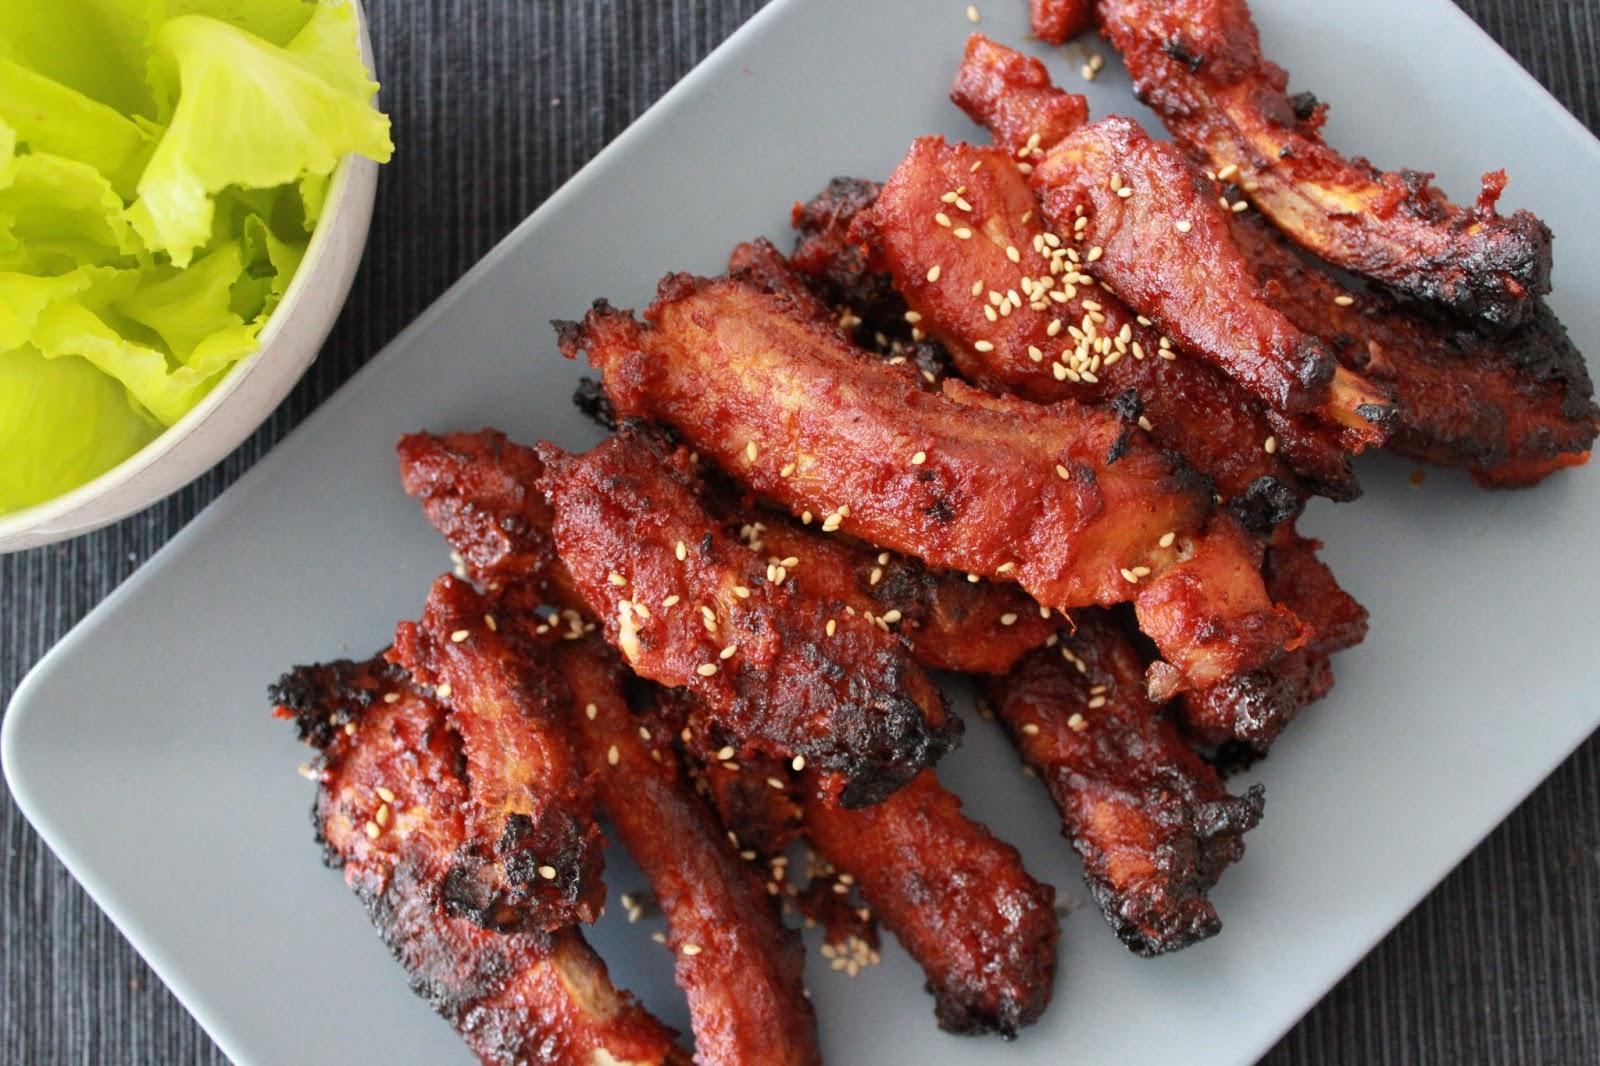 Marinated pork ribs recipe | Food fox recipes